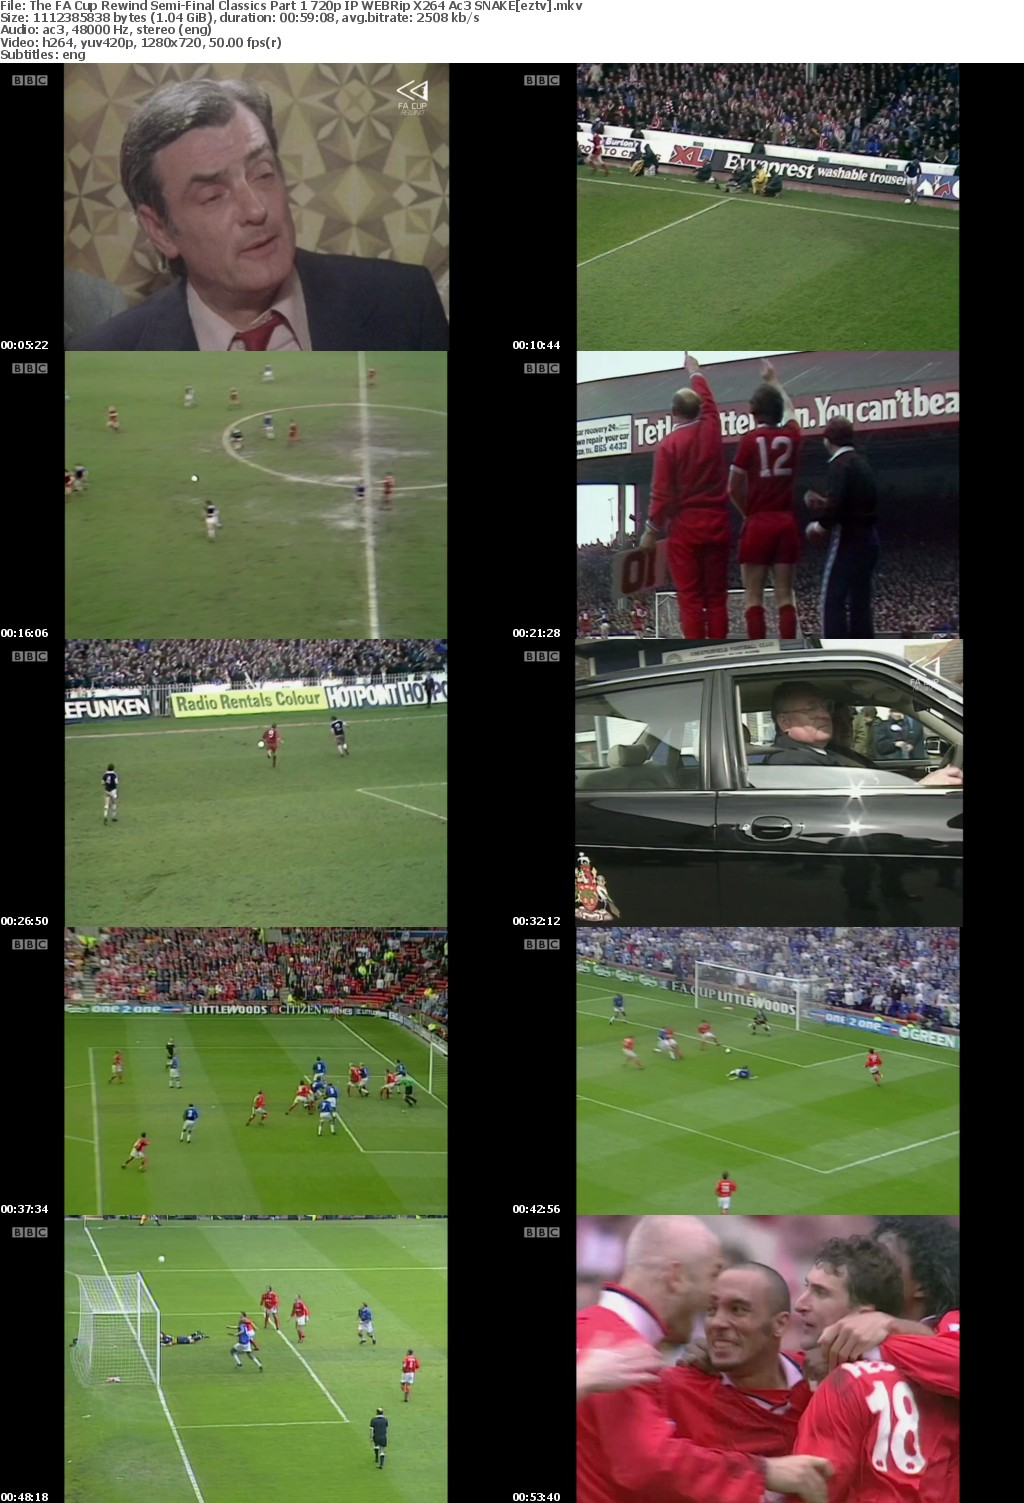 The FA Cup Rewind: Semi-Final Classics Part 1 720p IP WEBRip X264 Ac3 SNAKE